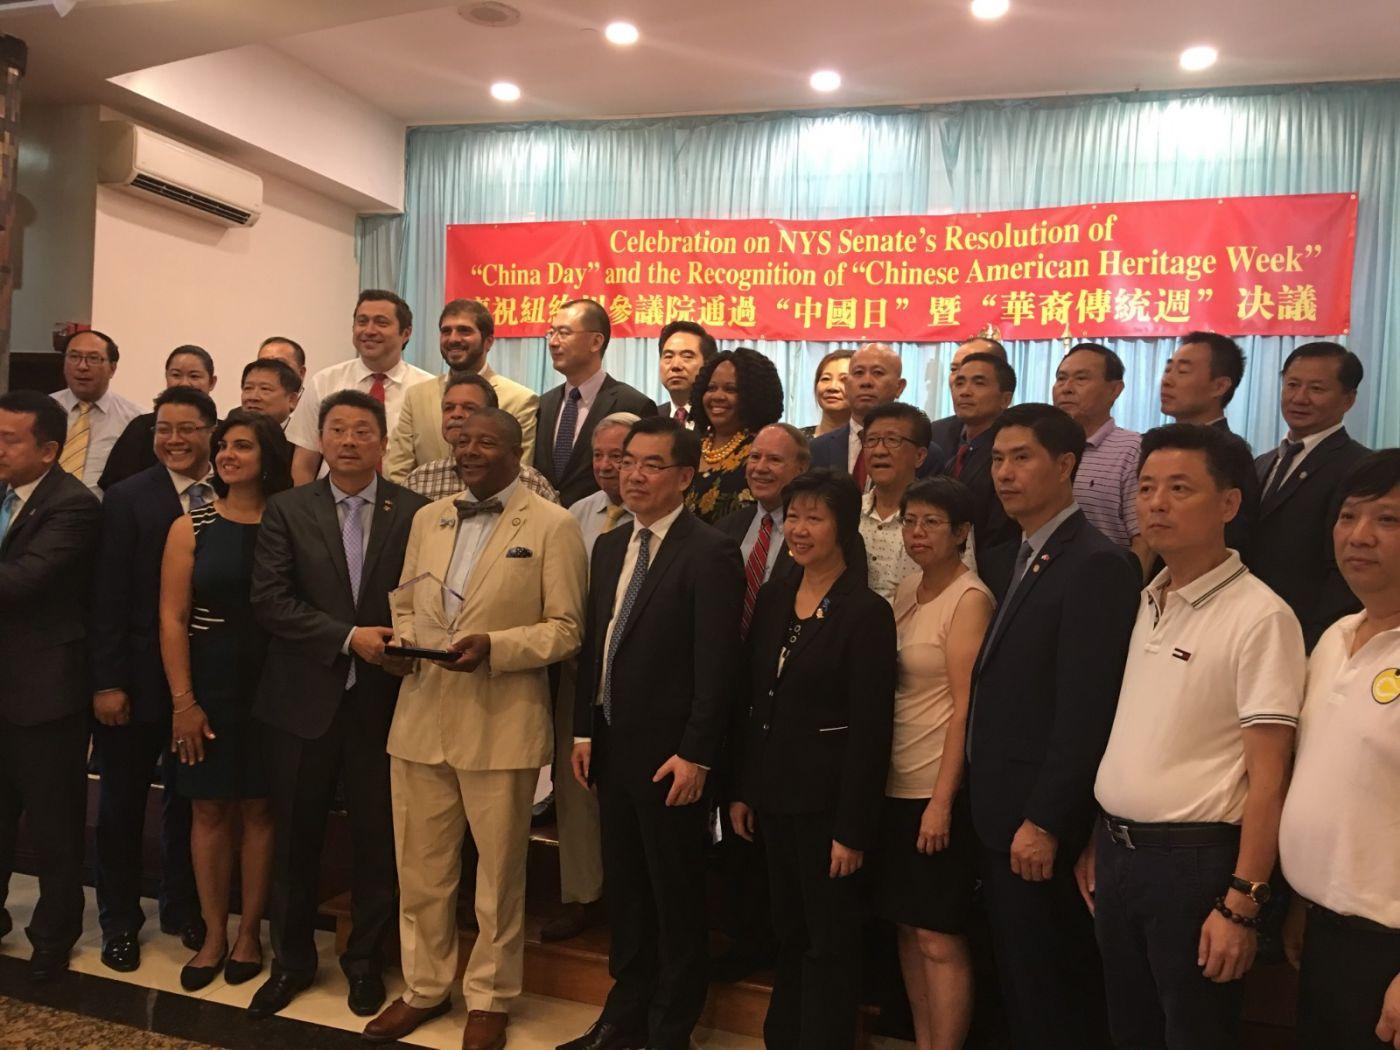 紐約州參議院通過「中國日」決議案慶祝会在紐約舉行_图1-14